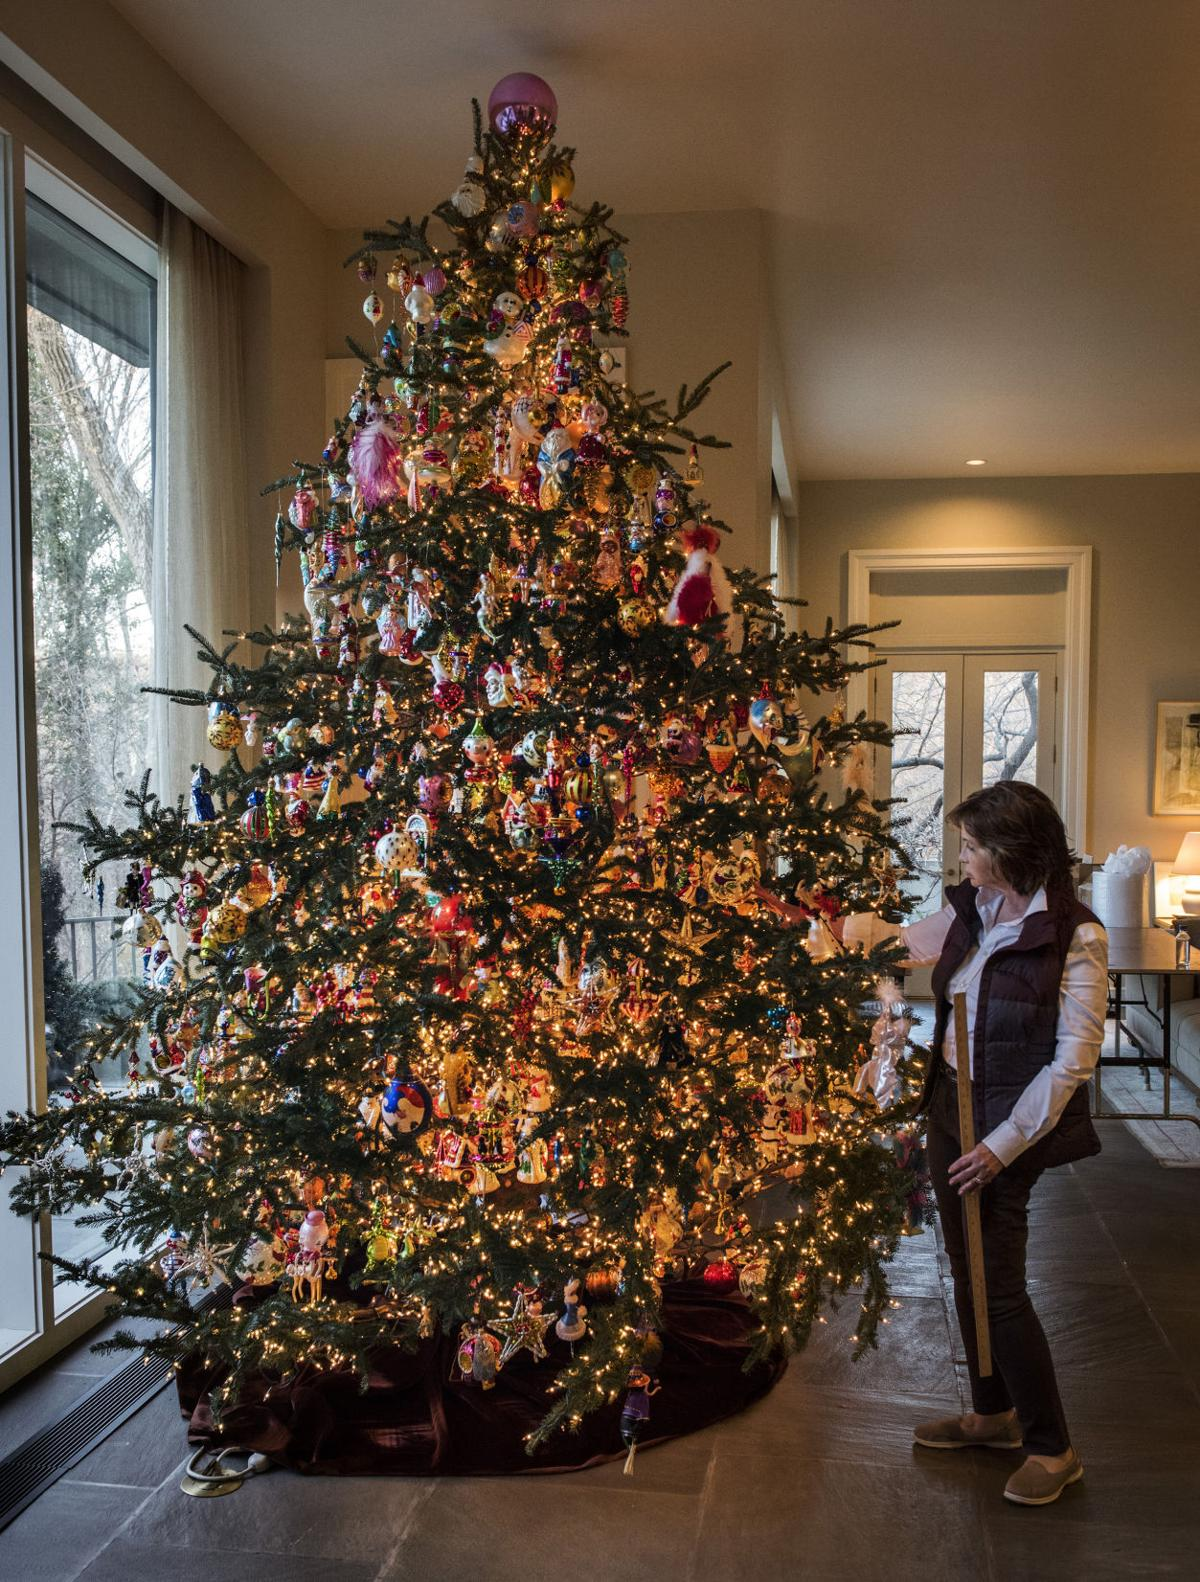 This isn't your grandma's Christmas tree